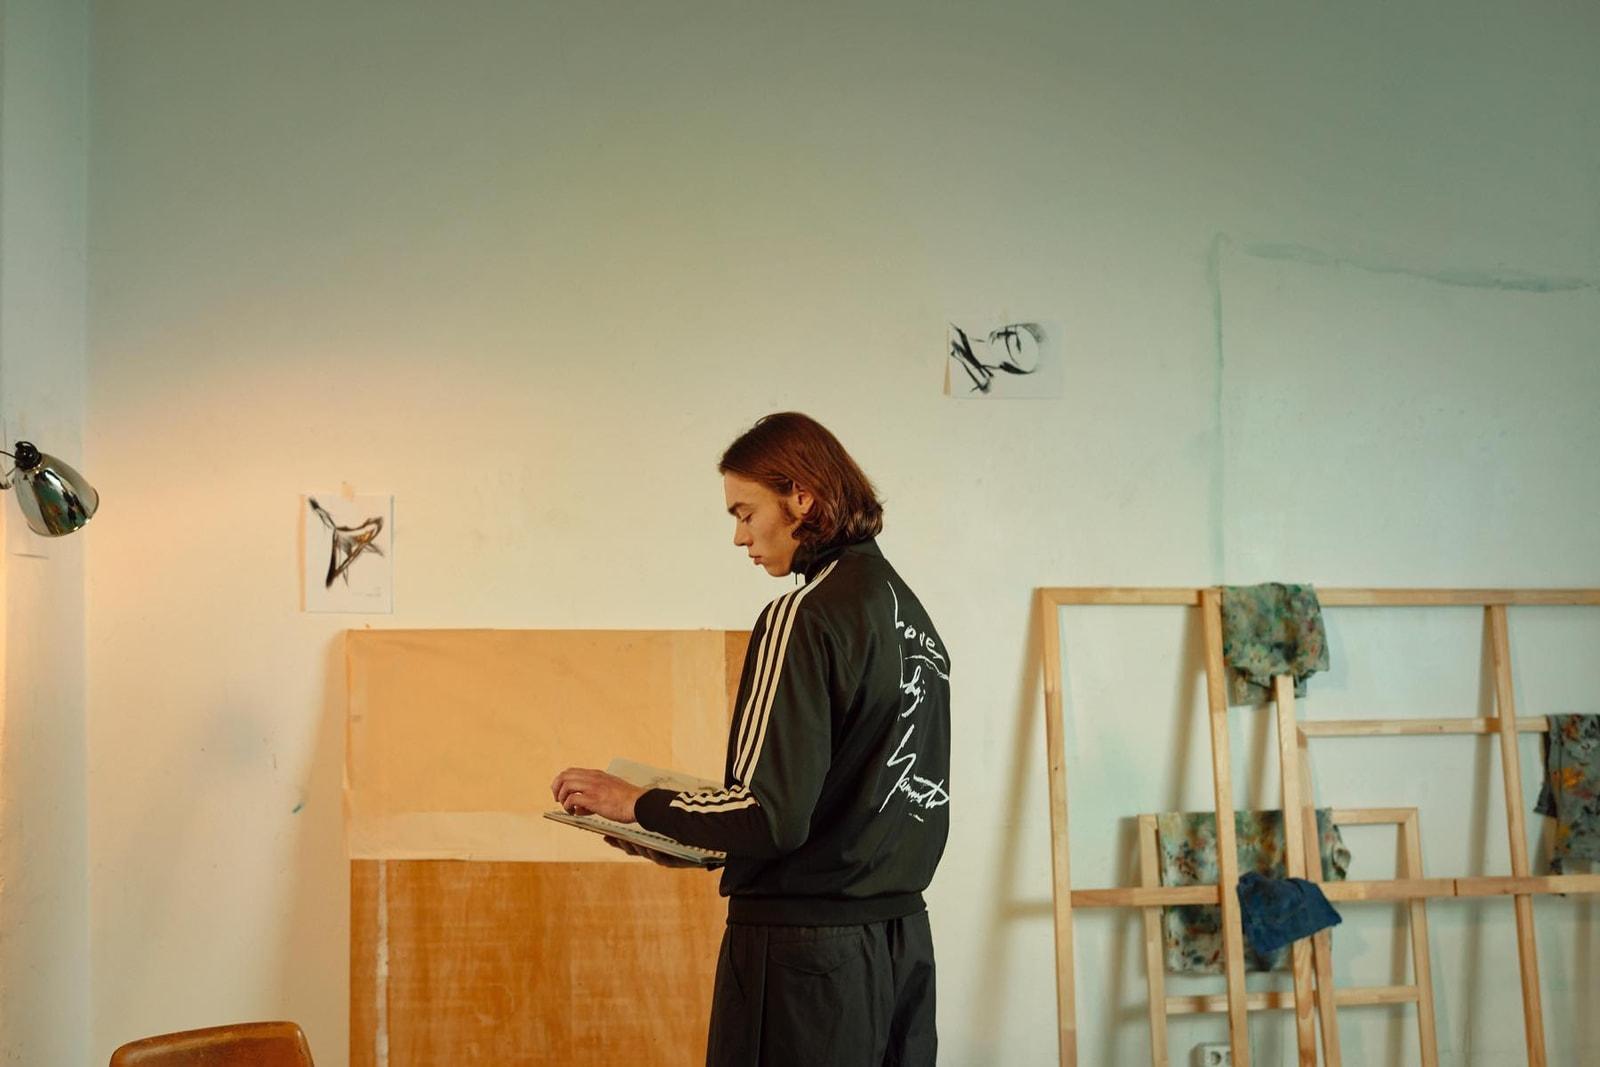 요지 야마모토 그라운드 Y x 애니메이션 '공각기동대' 협업 컬렉션 룩북 2019 이노센스